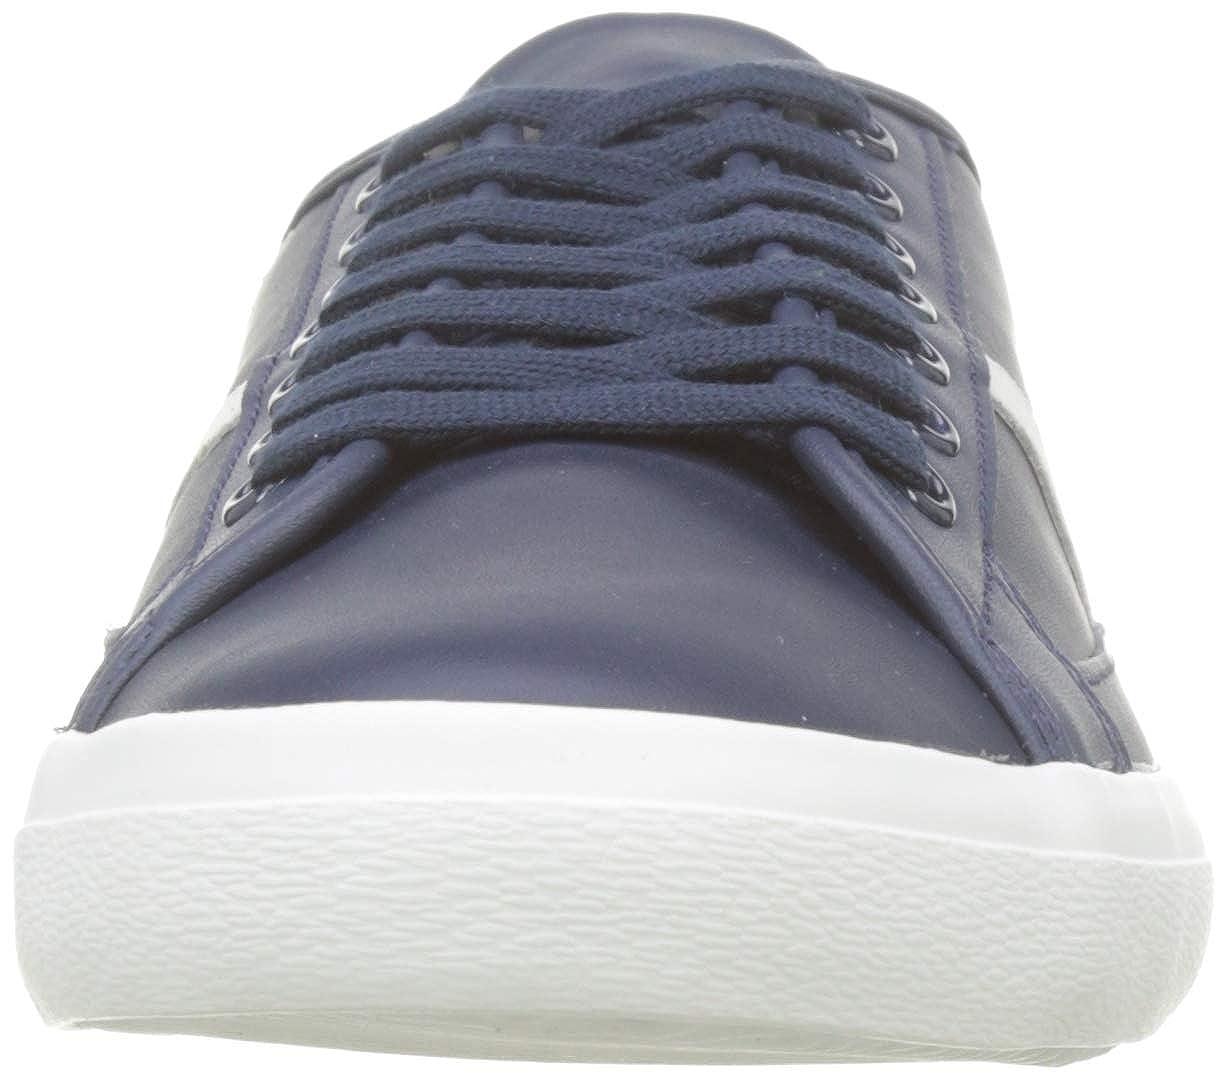 Lacoste Sideline 119 3 CMA Zapatillas para Hombre